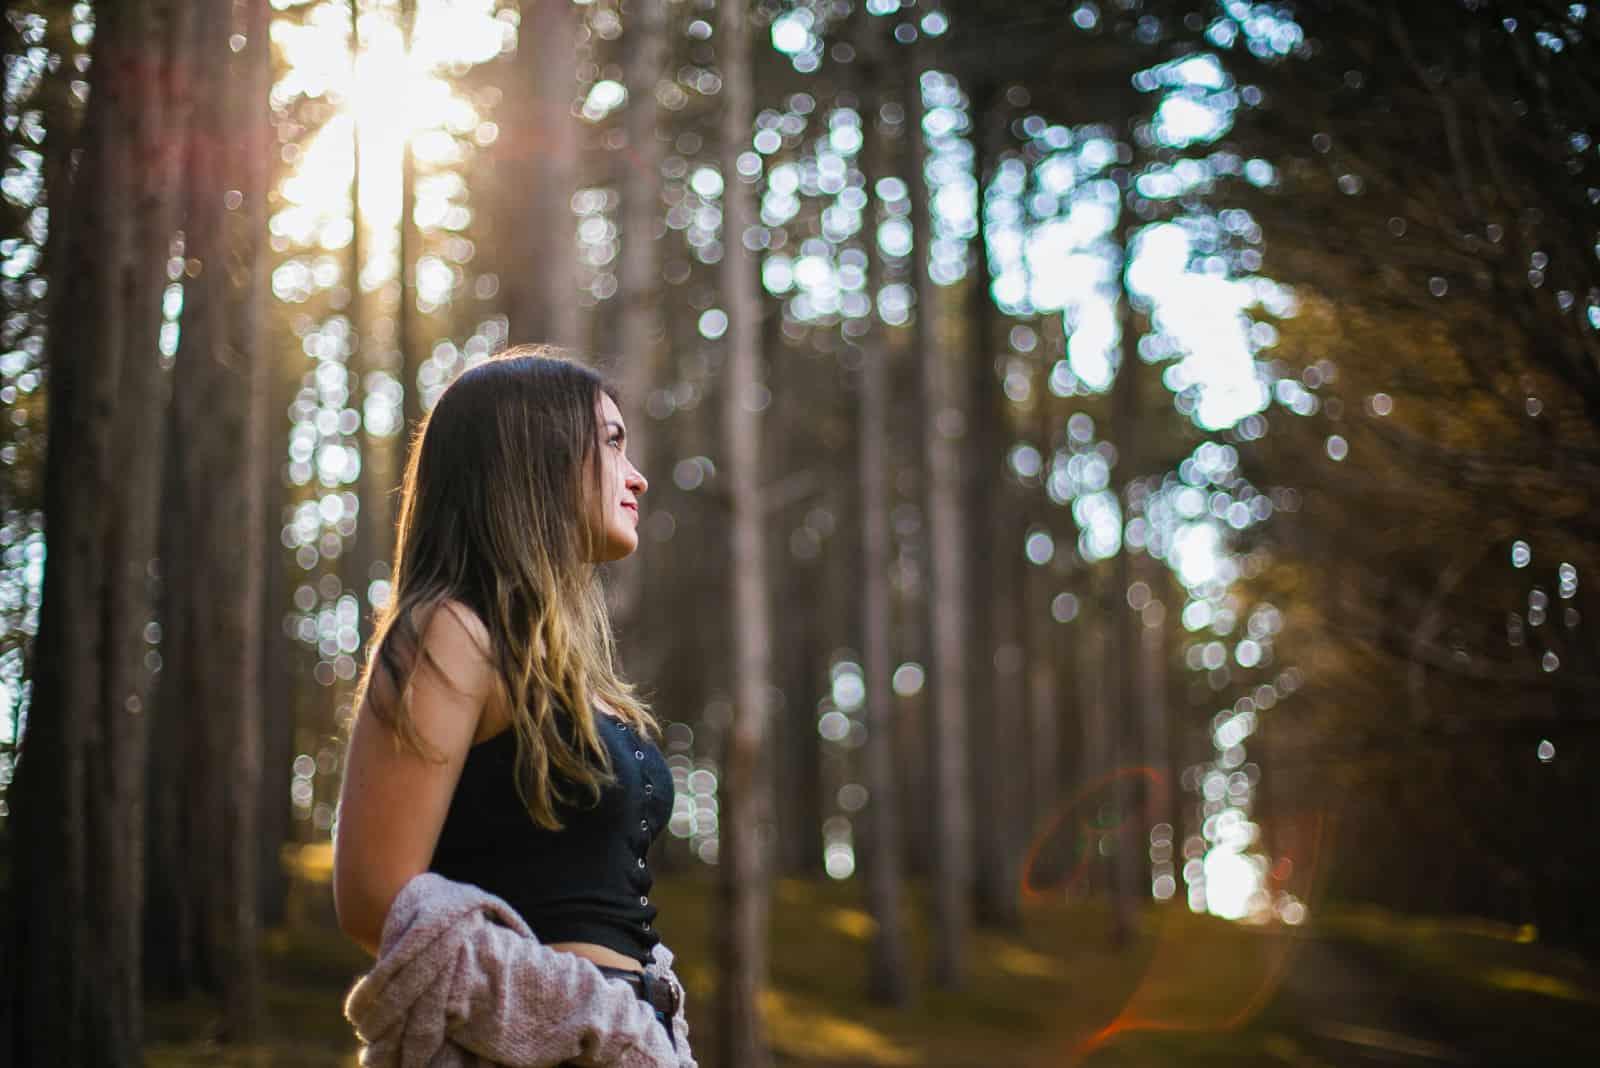 femme en haut noir debout dans la forêt